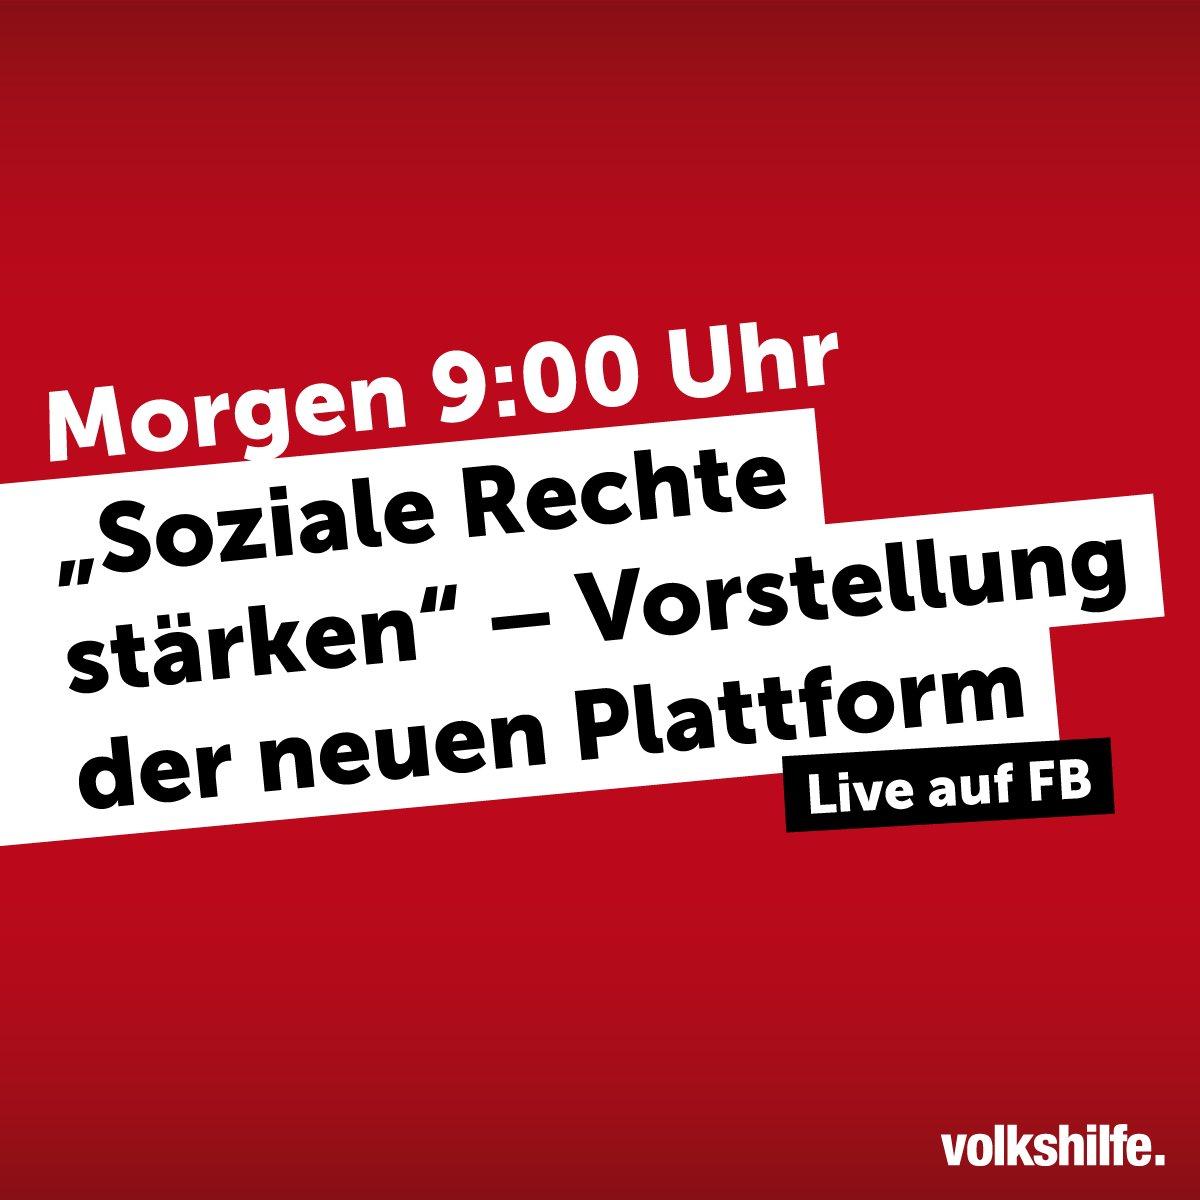 Wir präsentieren unsere neue Plattform für #SozialeRechte! Morgen, 9:0...